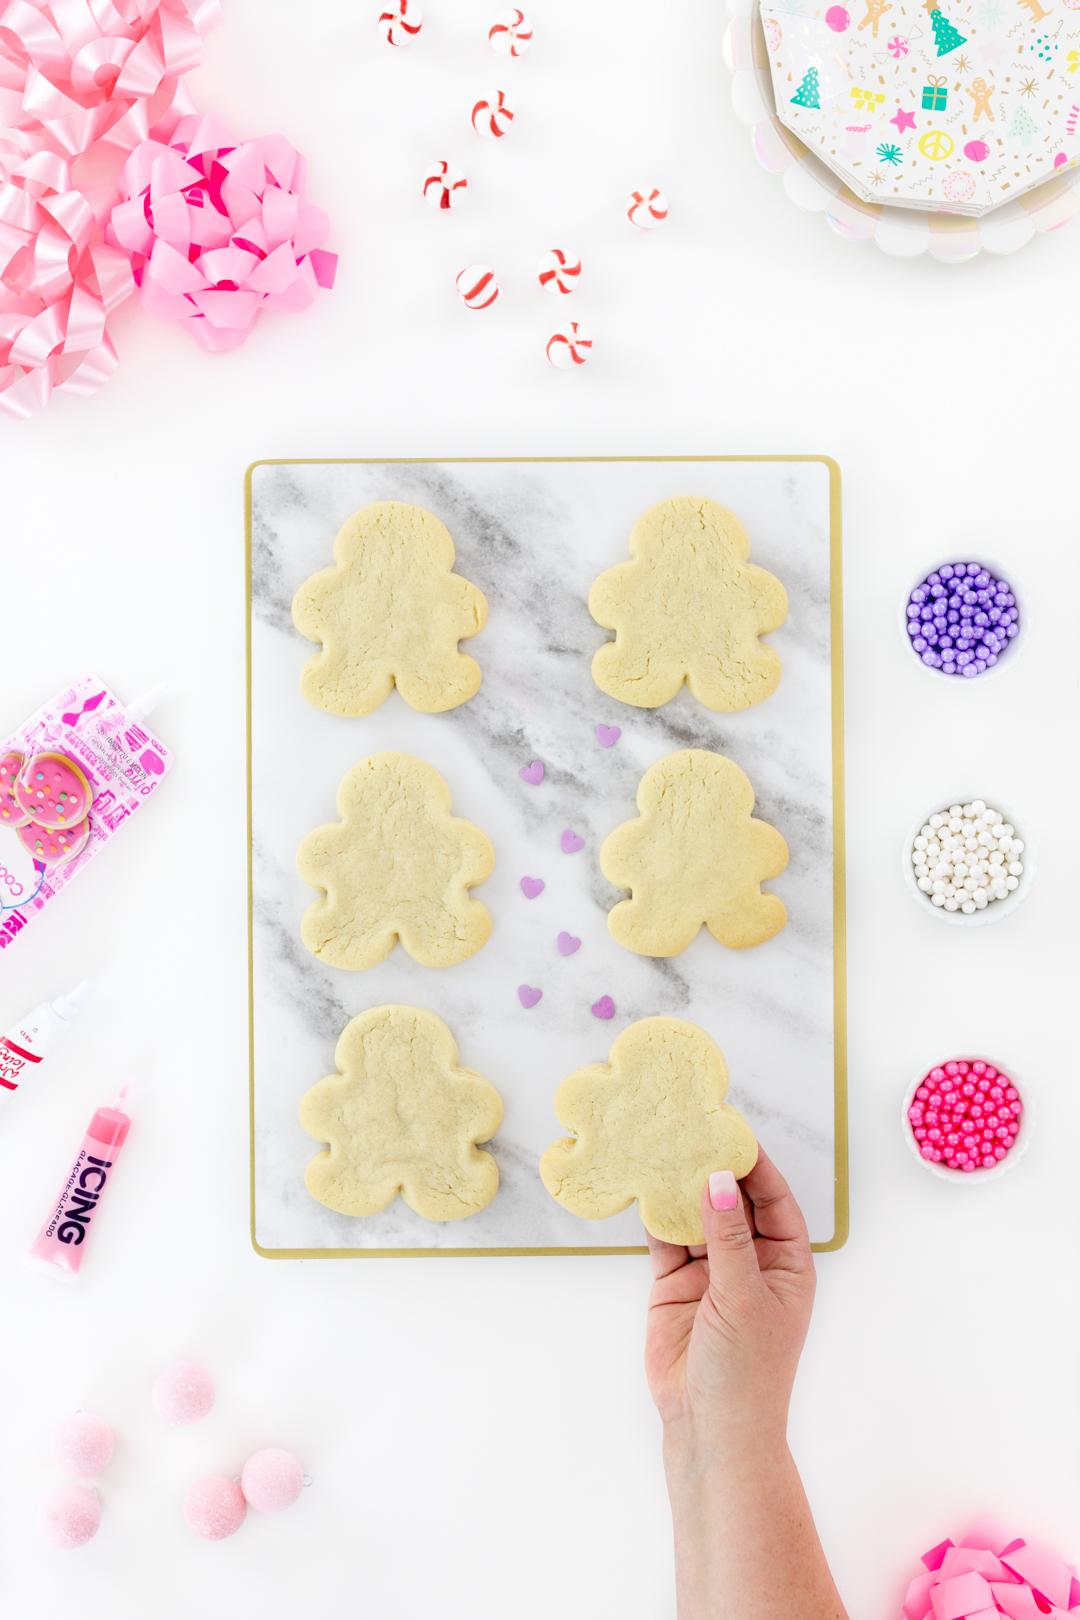 diy gingerbread men shaped sugar cookies